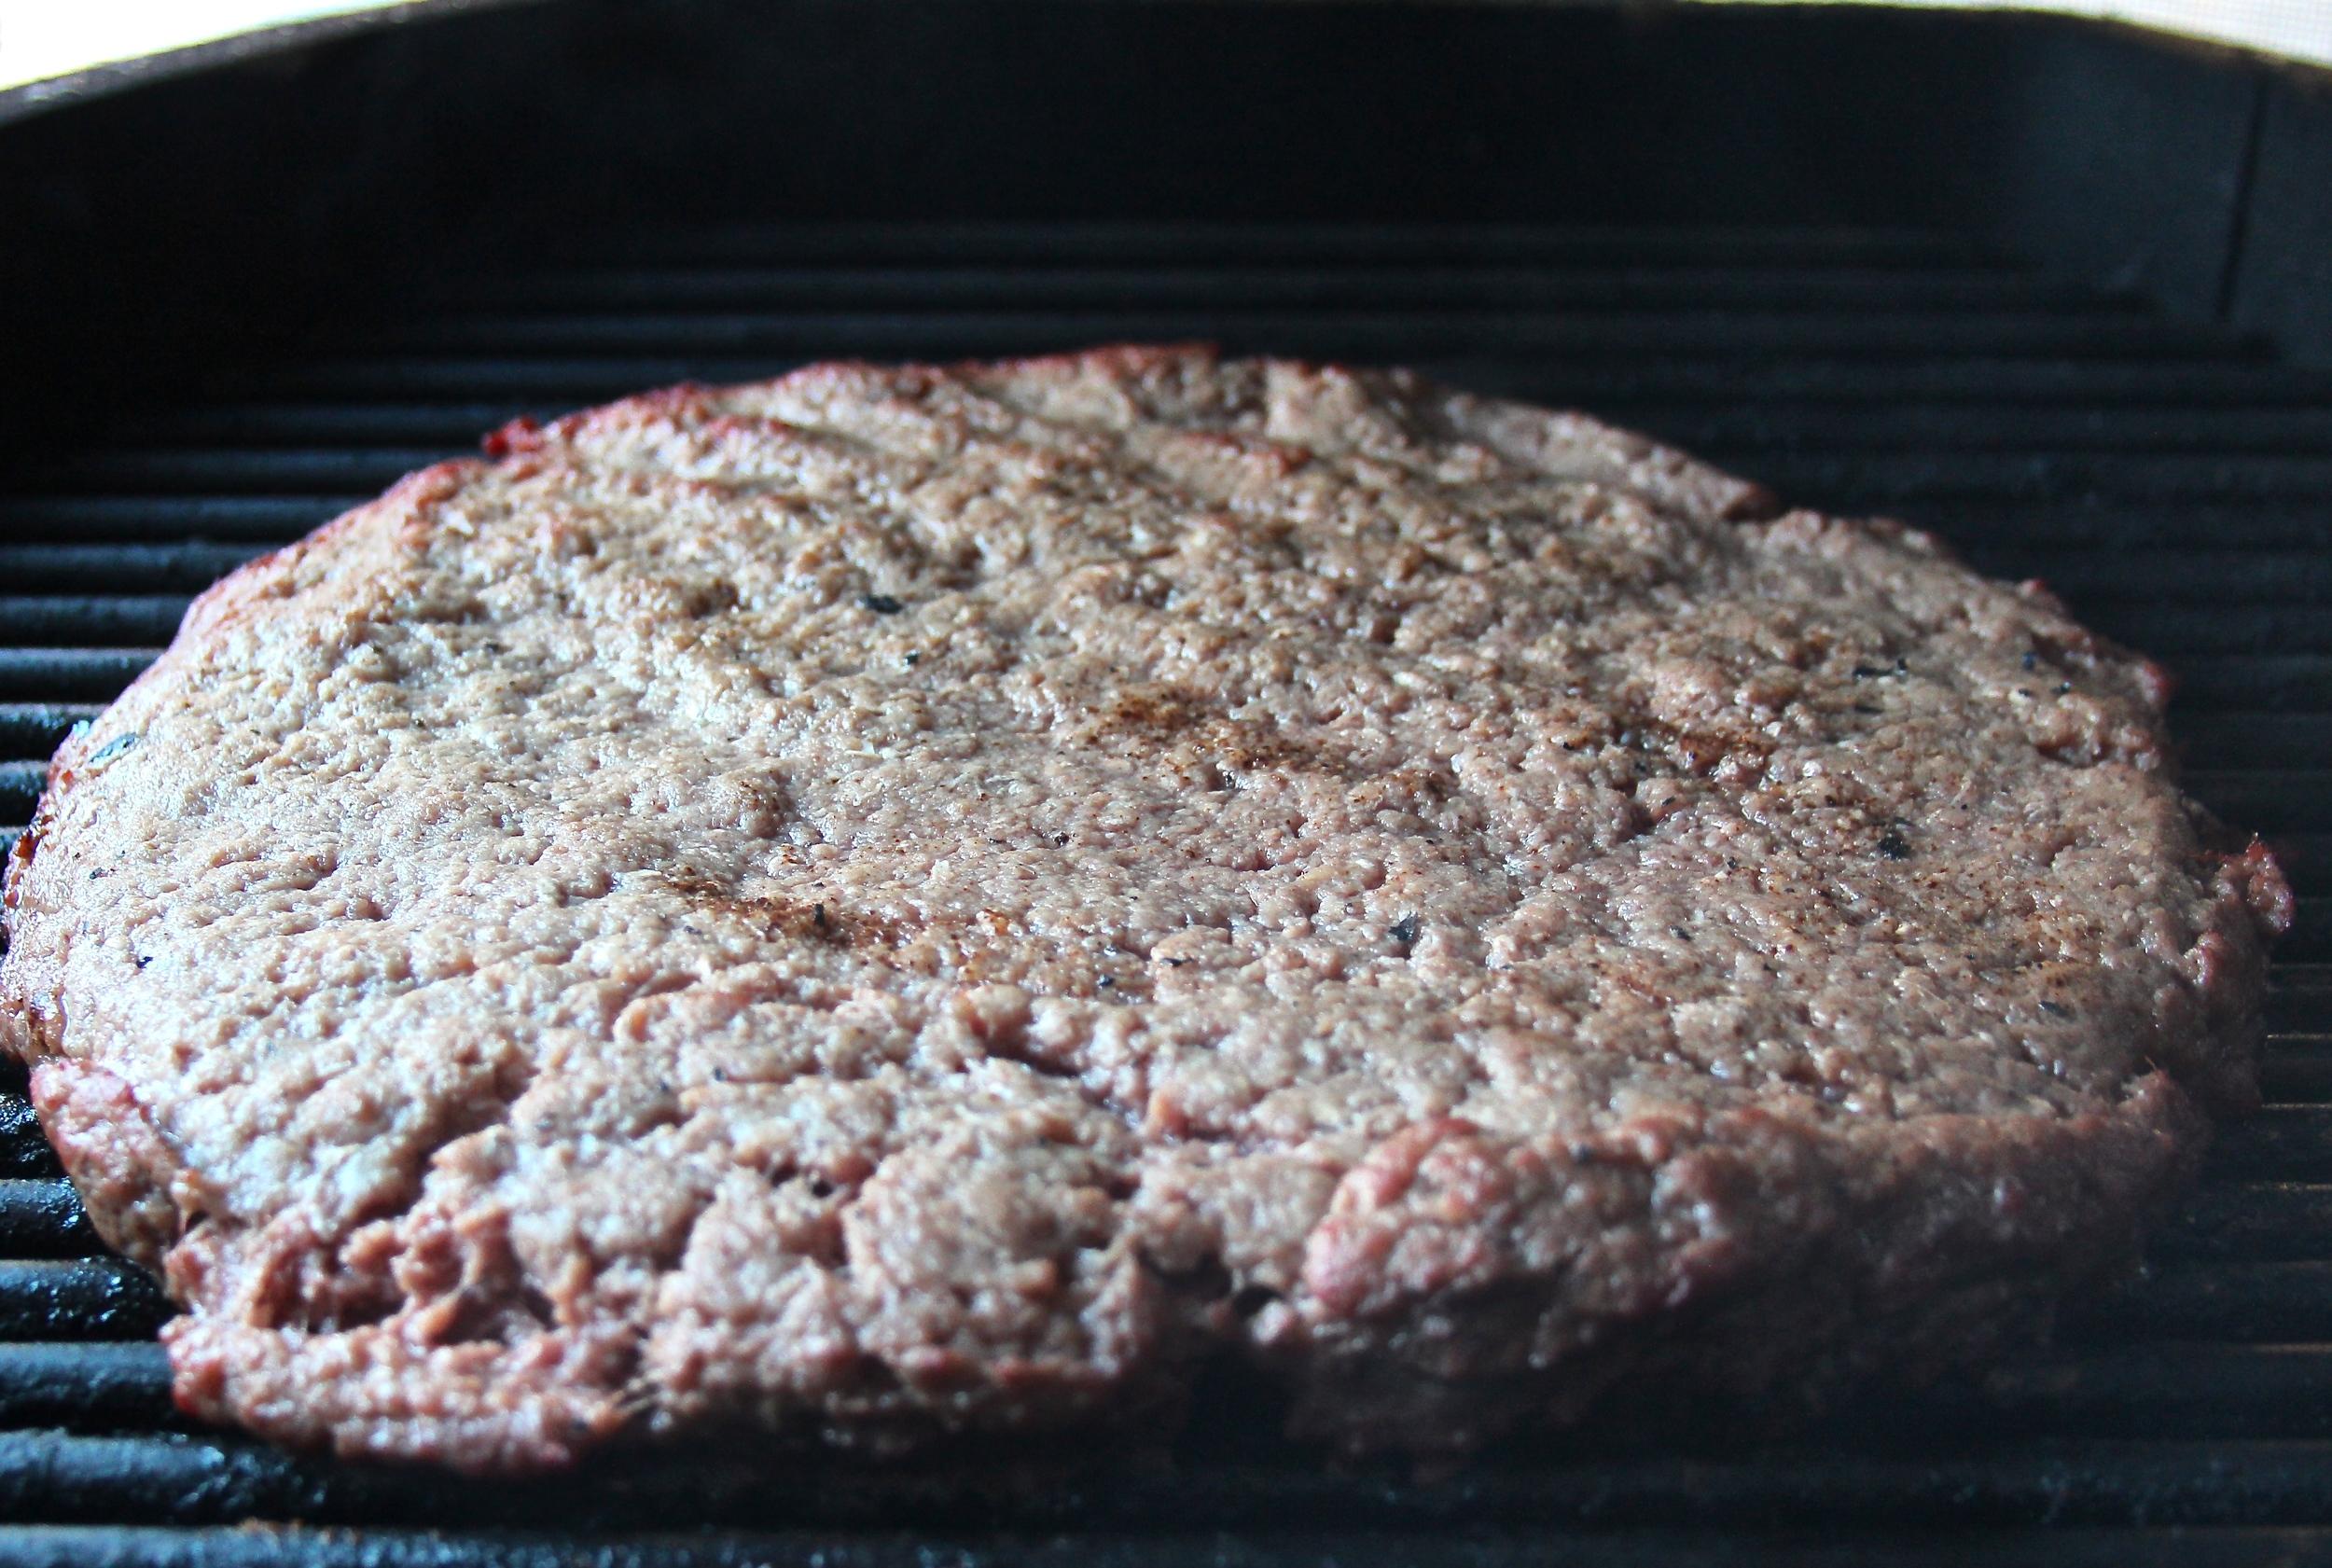 Smoking Ground Beef for Chili